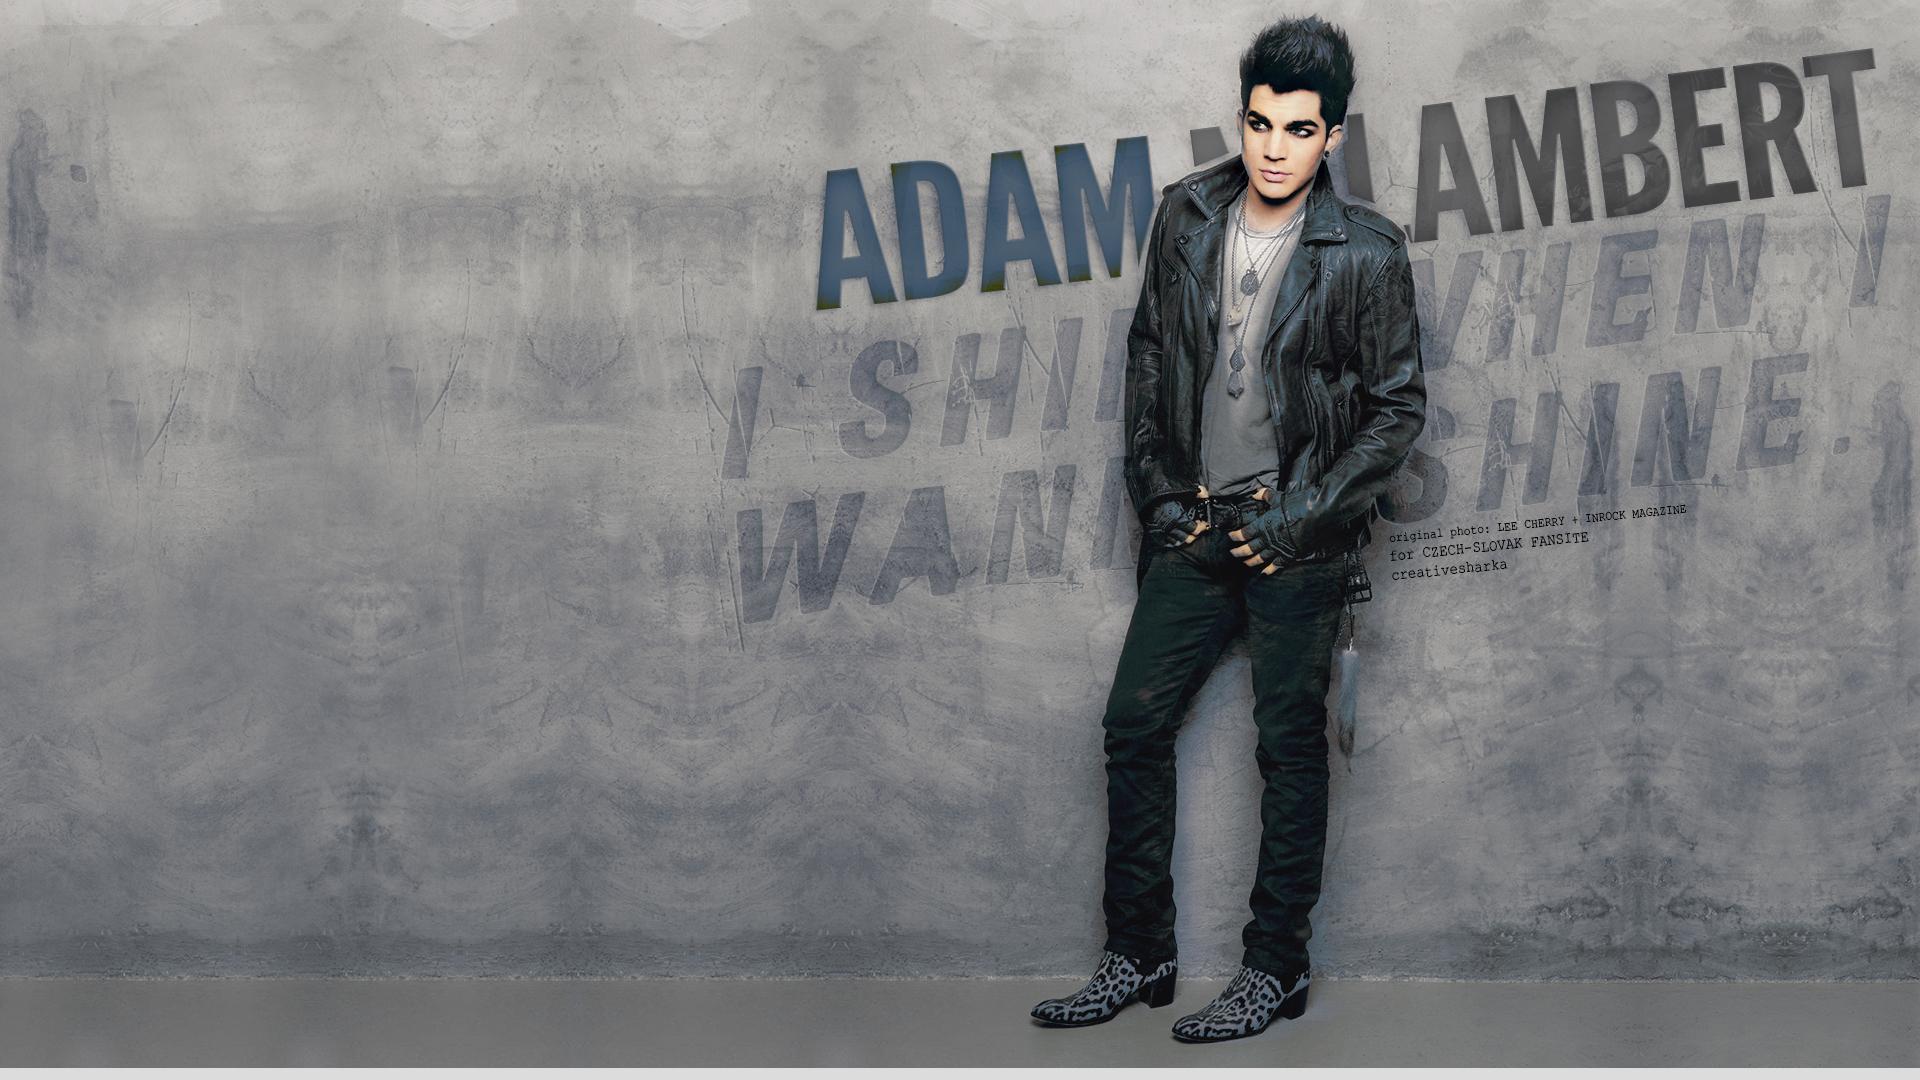 Adam Lambert - Adam Lambert Wallpaper Hd , HD Wallpaper & Backgrounds